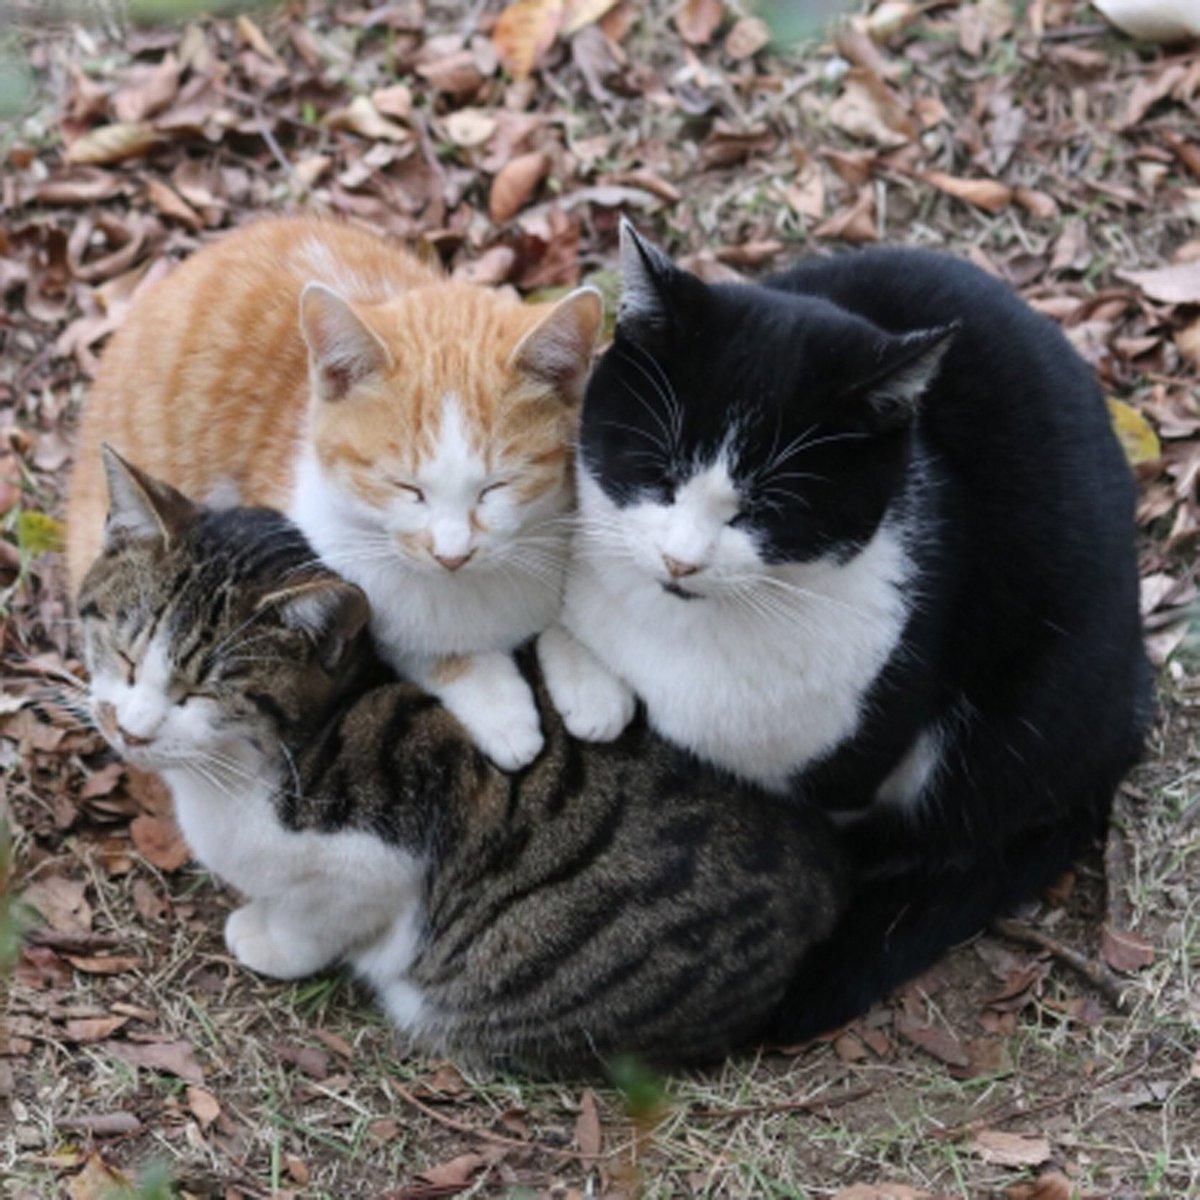 かわいいにゃんこ♪ #ハニーペット #HONEYPET #honeypet #猫 #ねこ #ねこ部 #にゃんすたぐらむ #にゃんこ #子猫 #ネコ #ねこのいる生活 #ねこのきもち #ねこのいる暮らし #kitty #catstagram #petstagram #instacat #meow #instagood #follow #followme https://t.co/bdNyU3NM5a